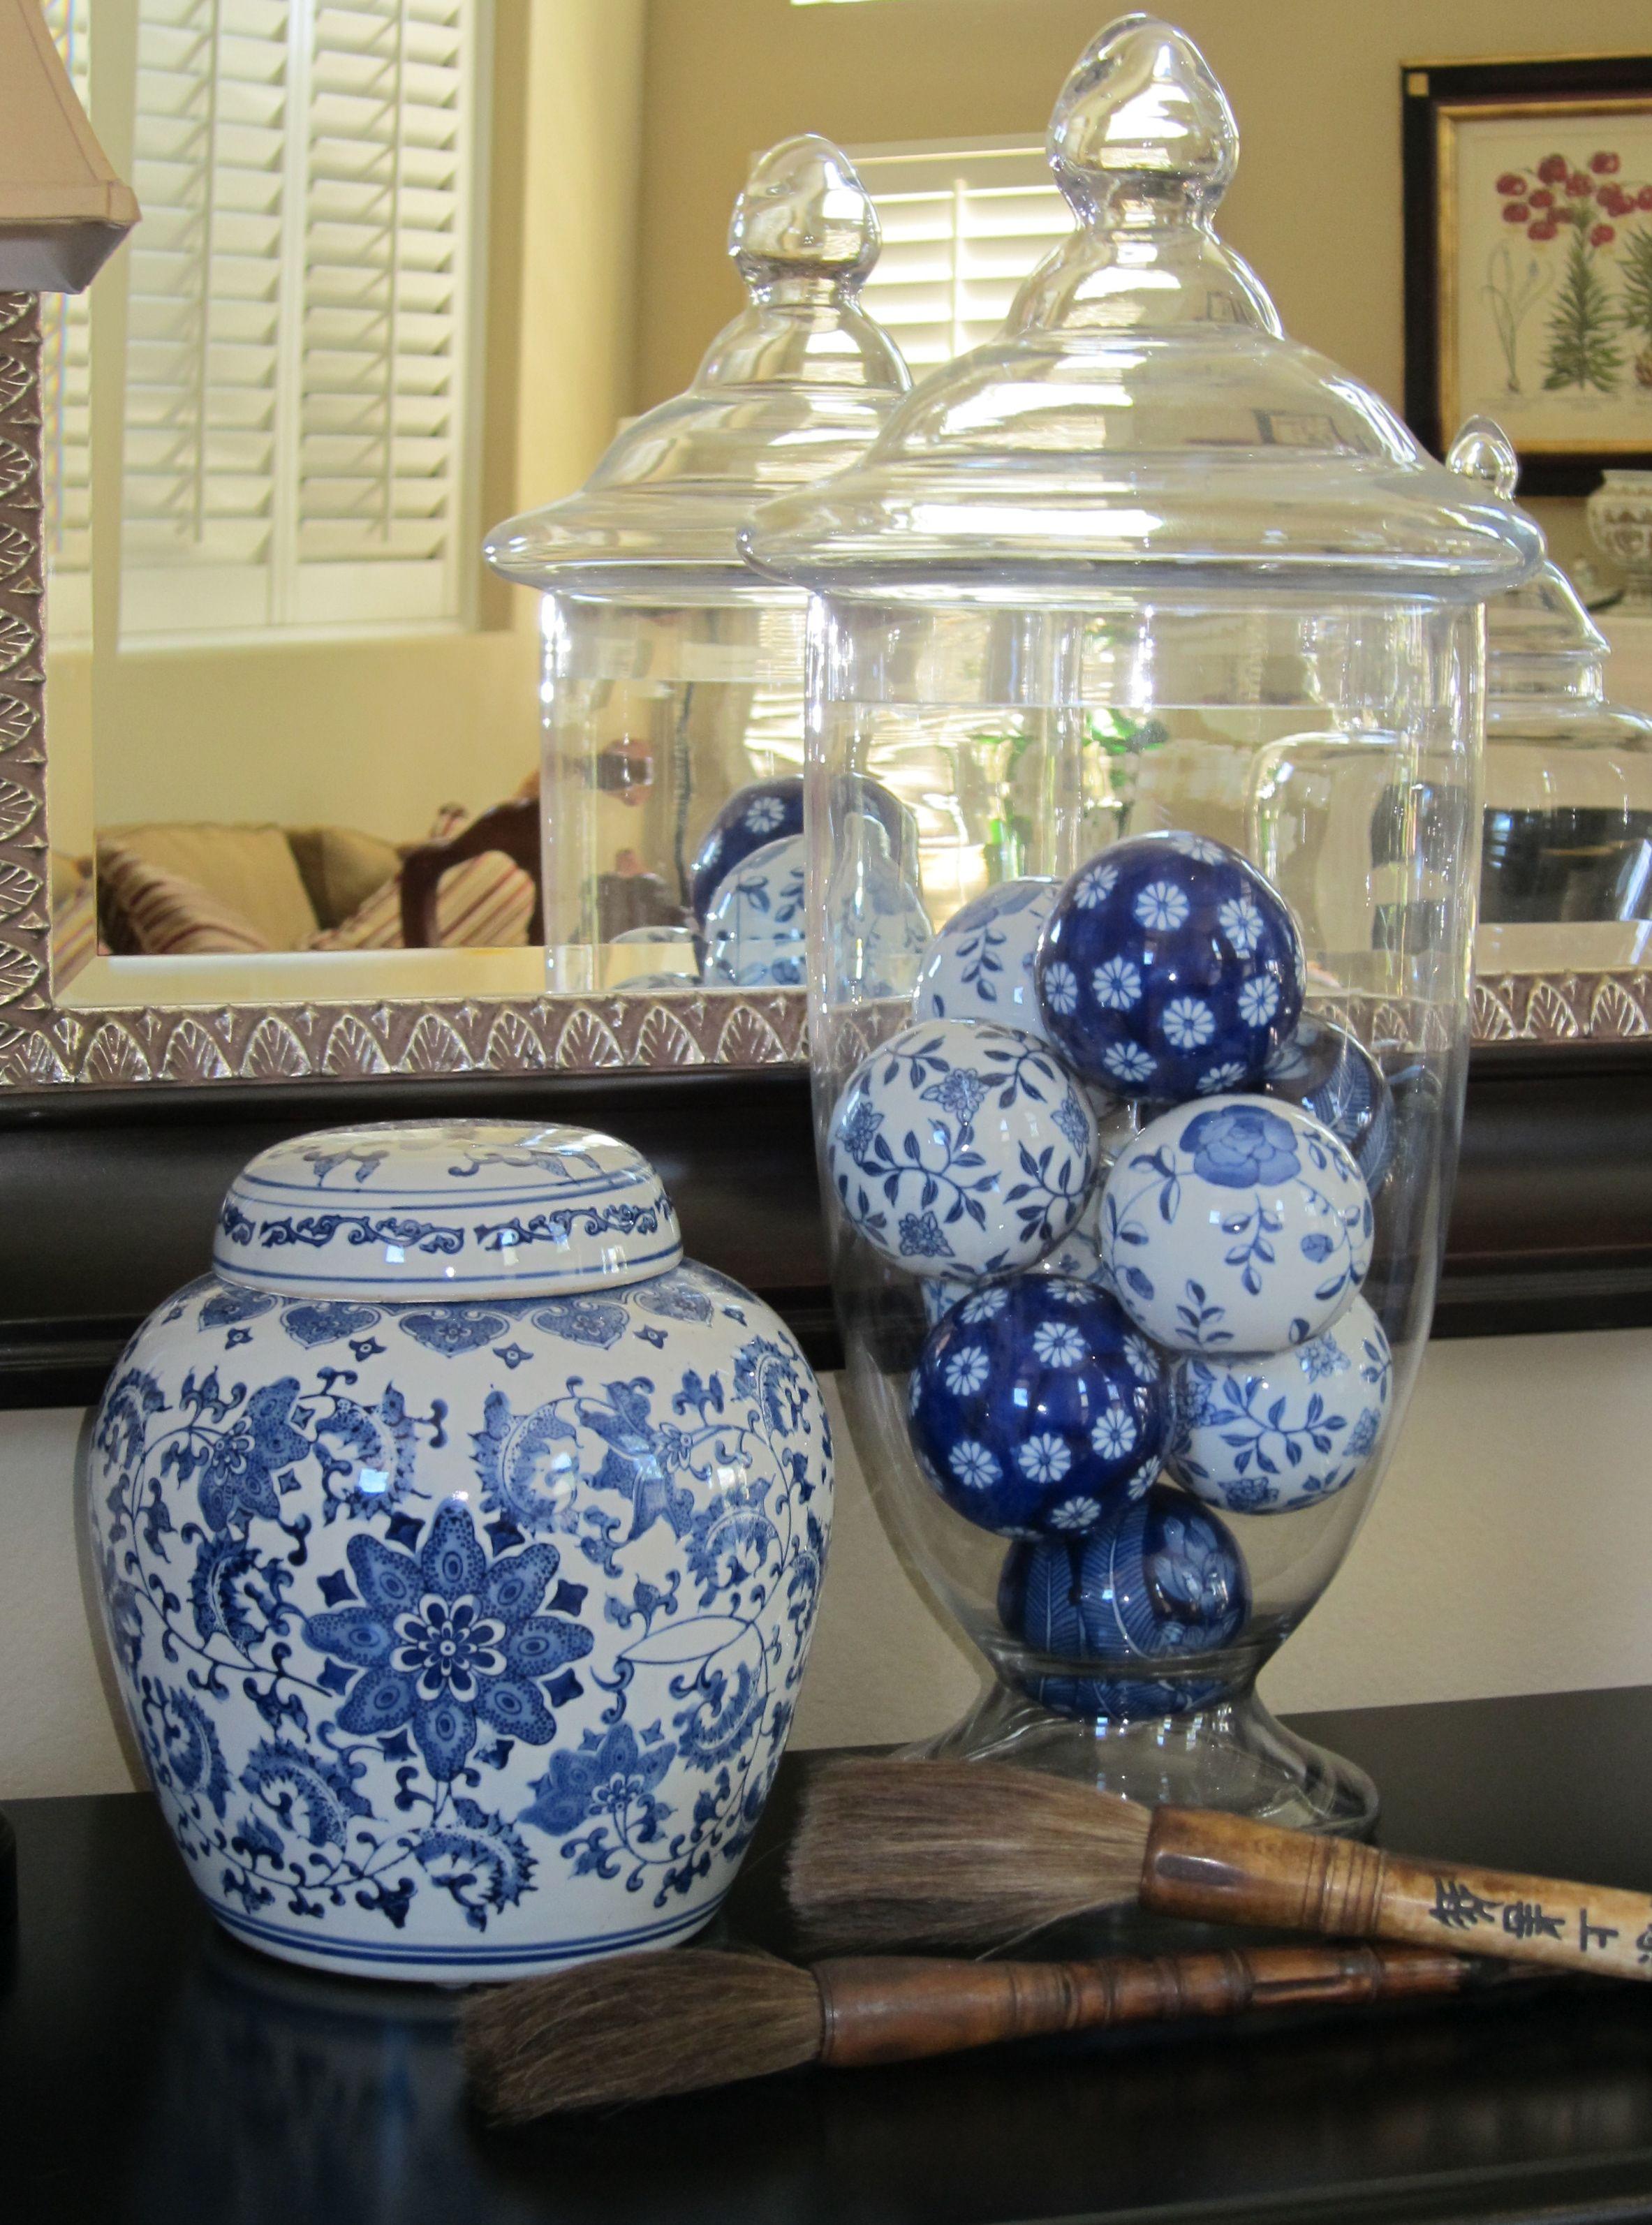 Apothecary jars filler ideas jar fillers apothecaries and apothecary jars filler ideas reviewsmspy